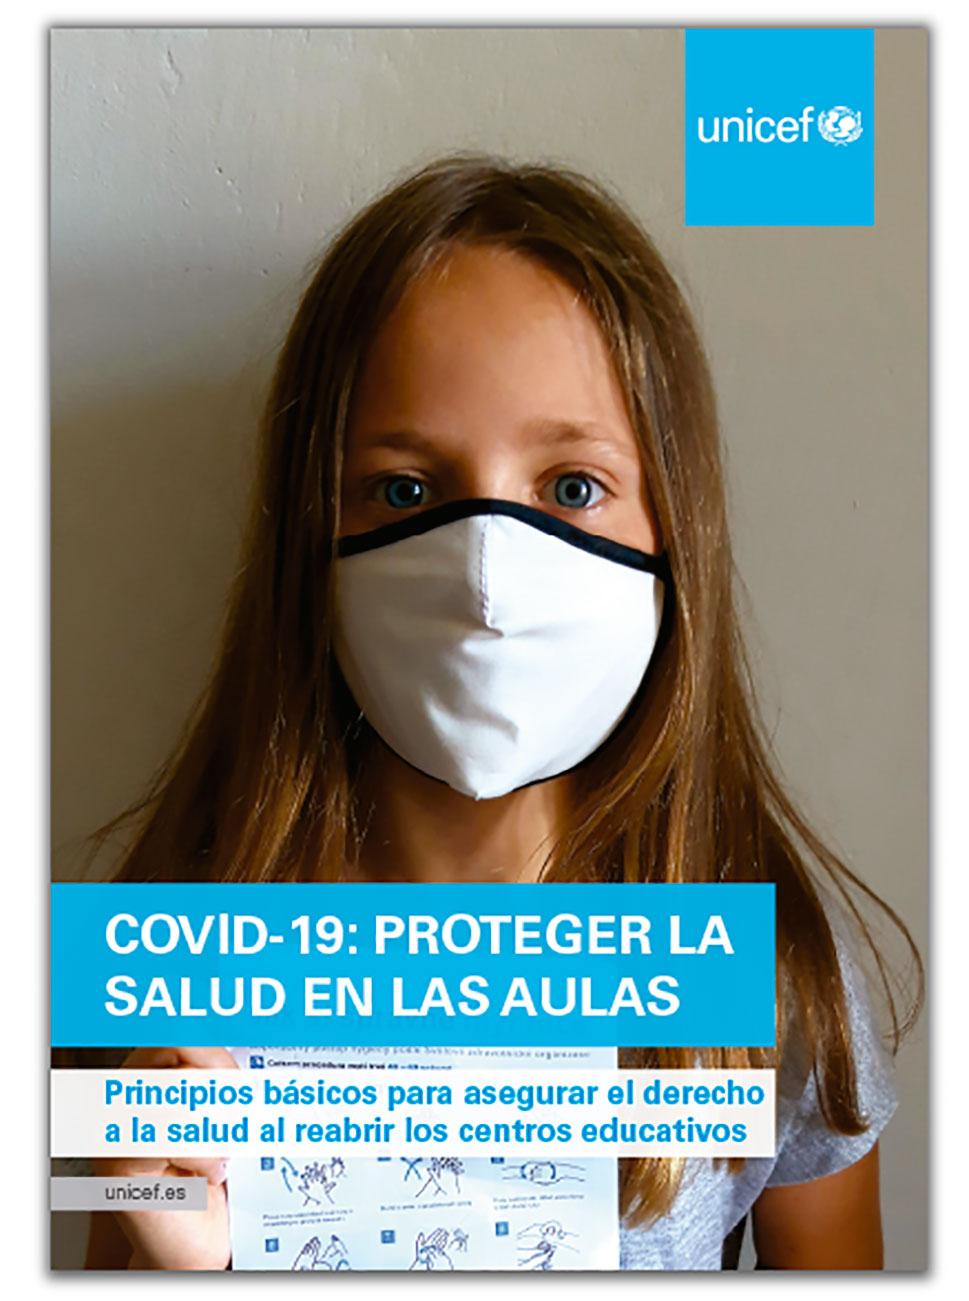 UNICEF considera prioritaria la vuelta a las aulas, pero siempre que se cumplan todas las garantías sanitarias